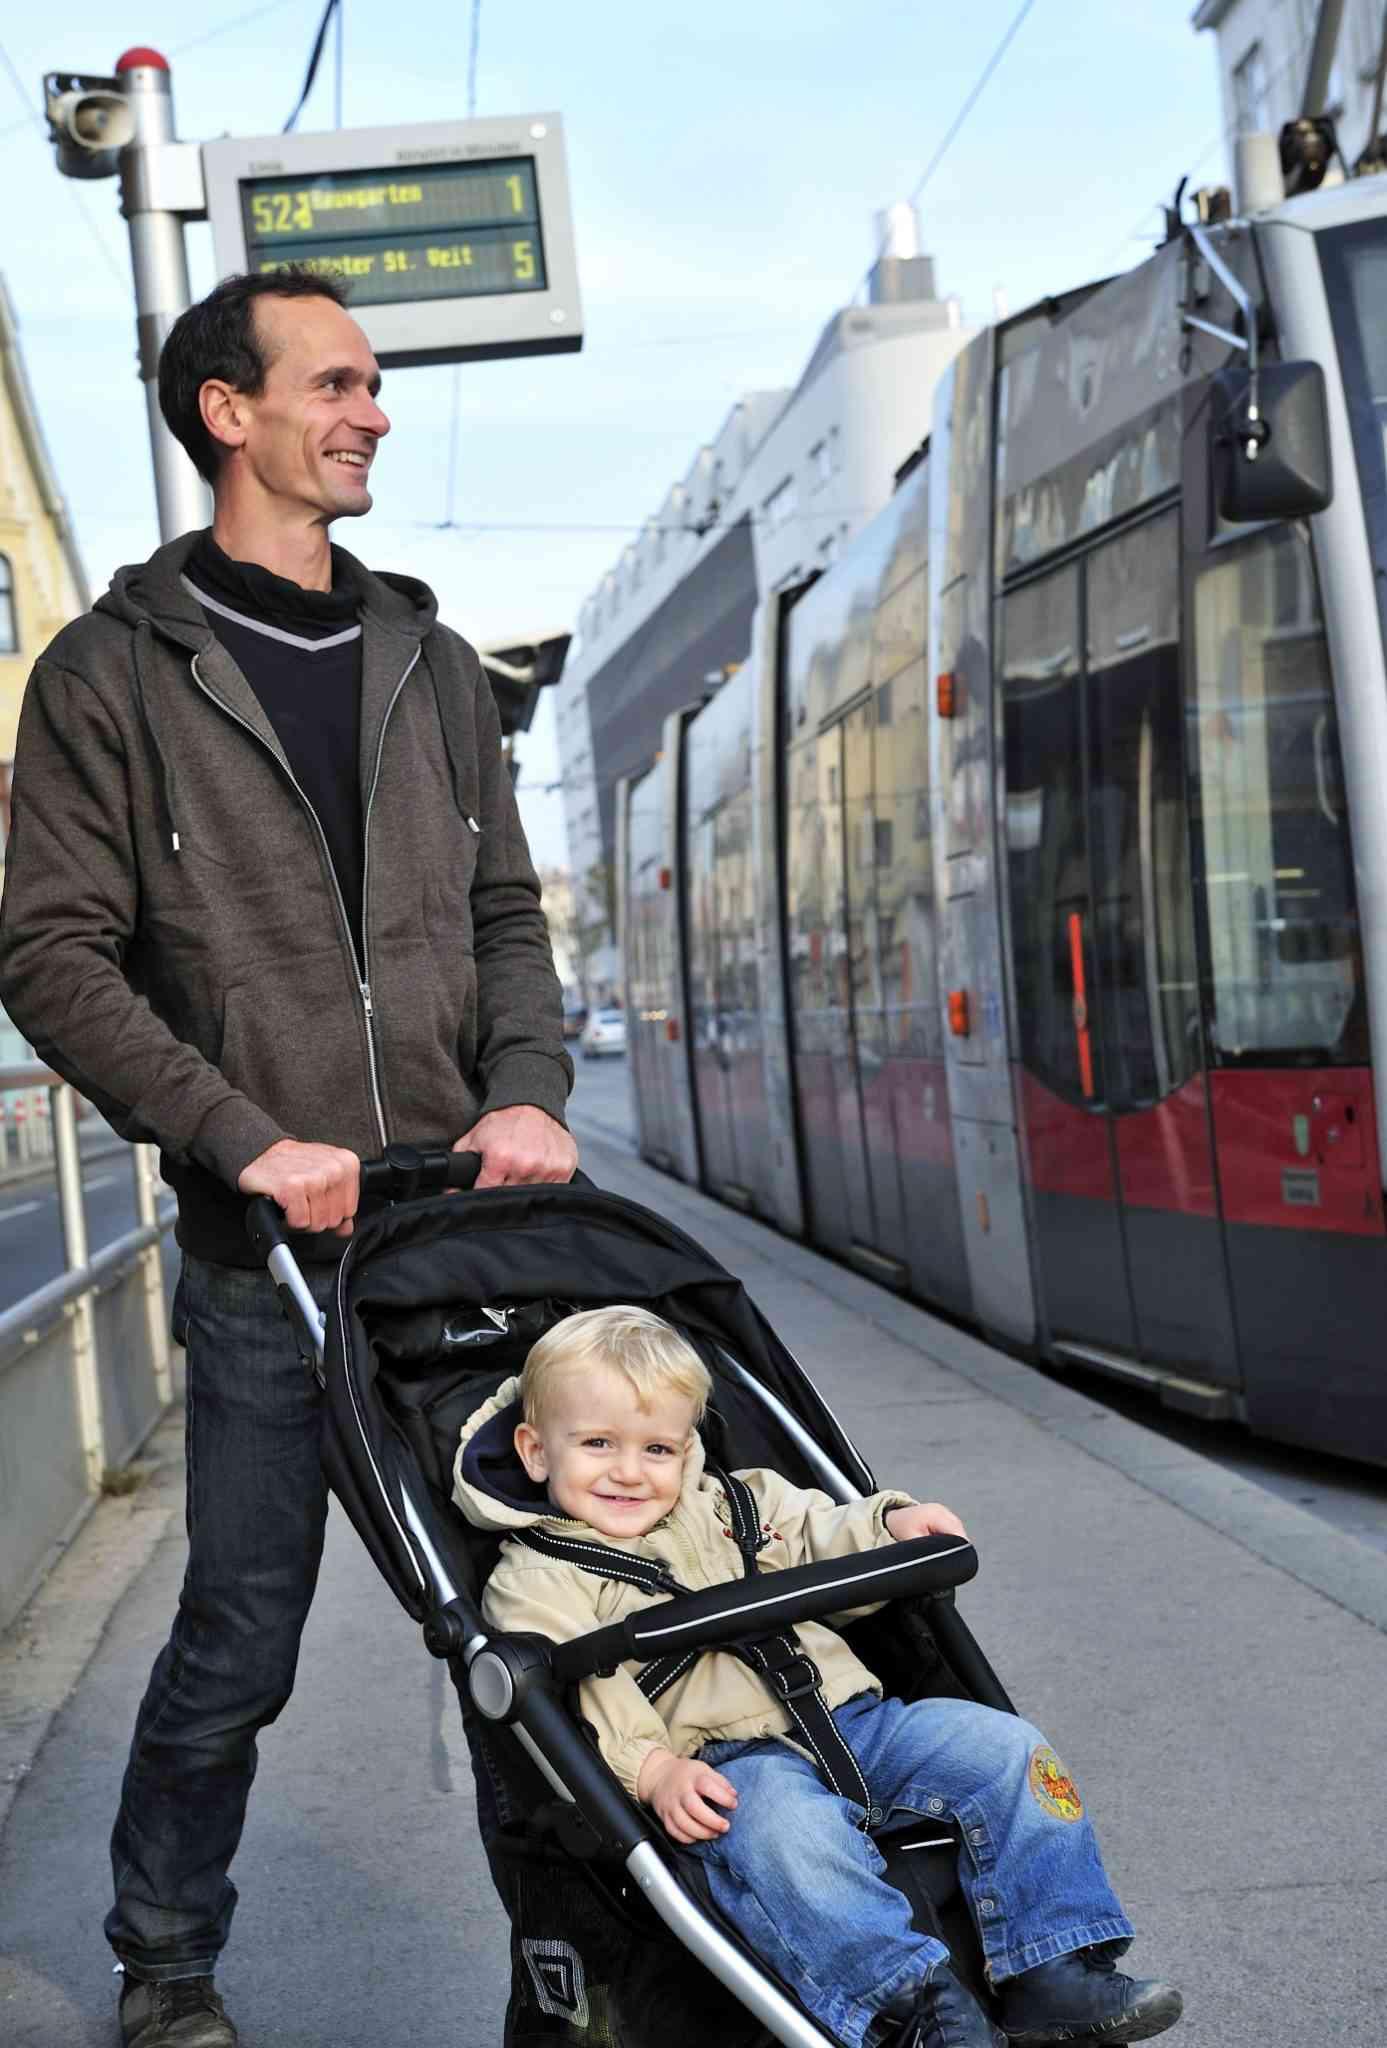 Die Hochflurbims werden sukzessive von barrierefreien Straßenbahnen ersetzt.